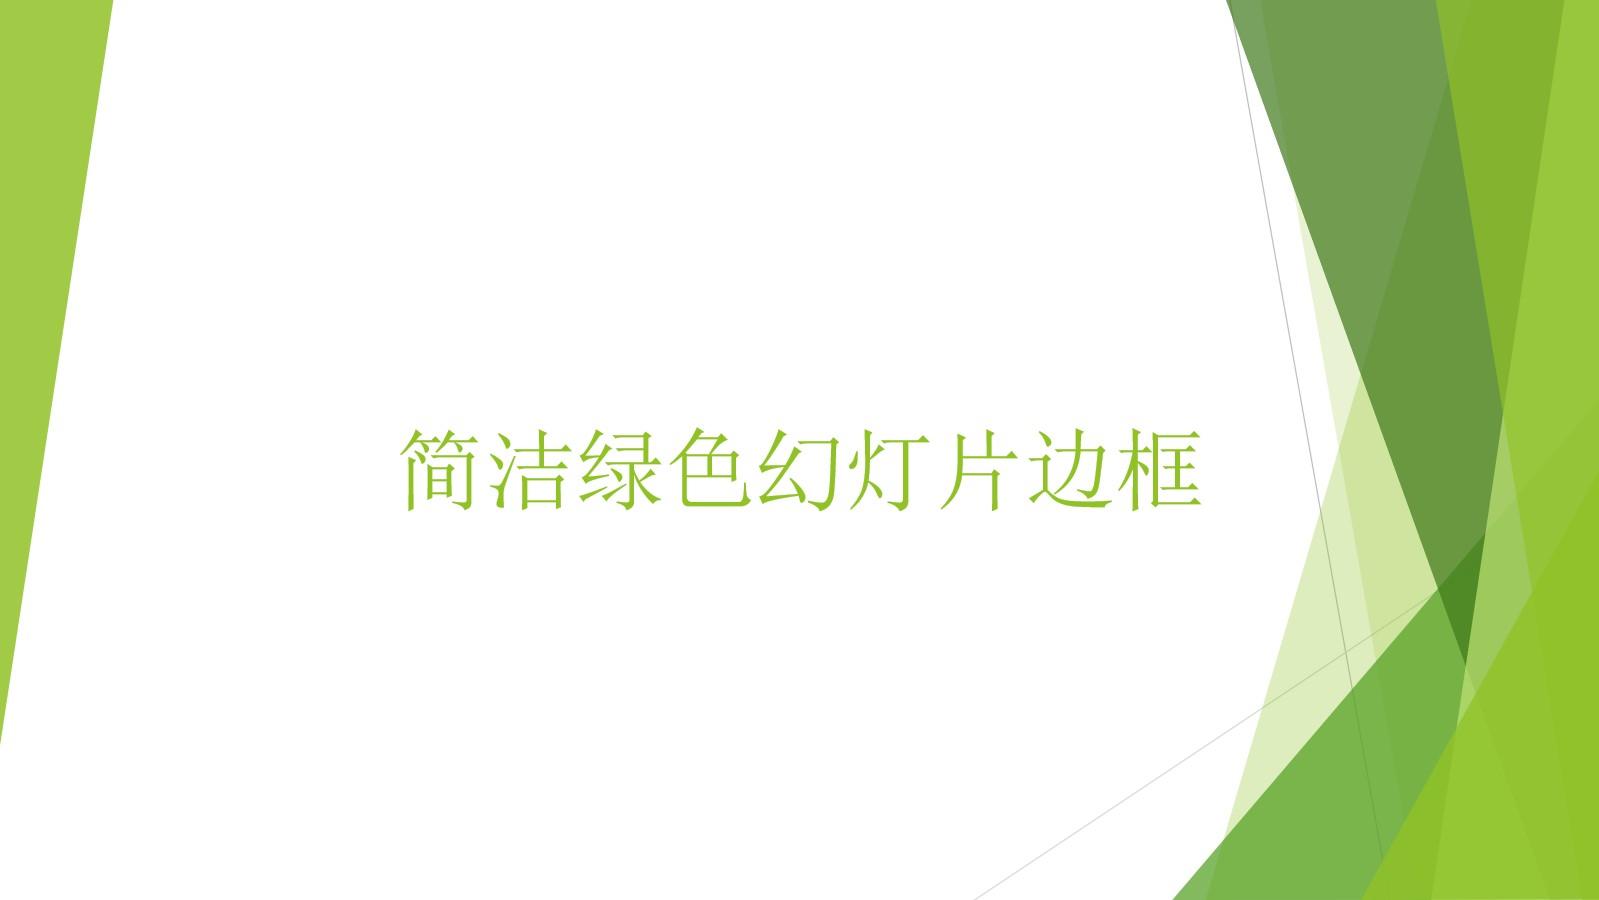 淡雅绿色背景的清新简洁PPT边框背景